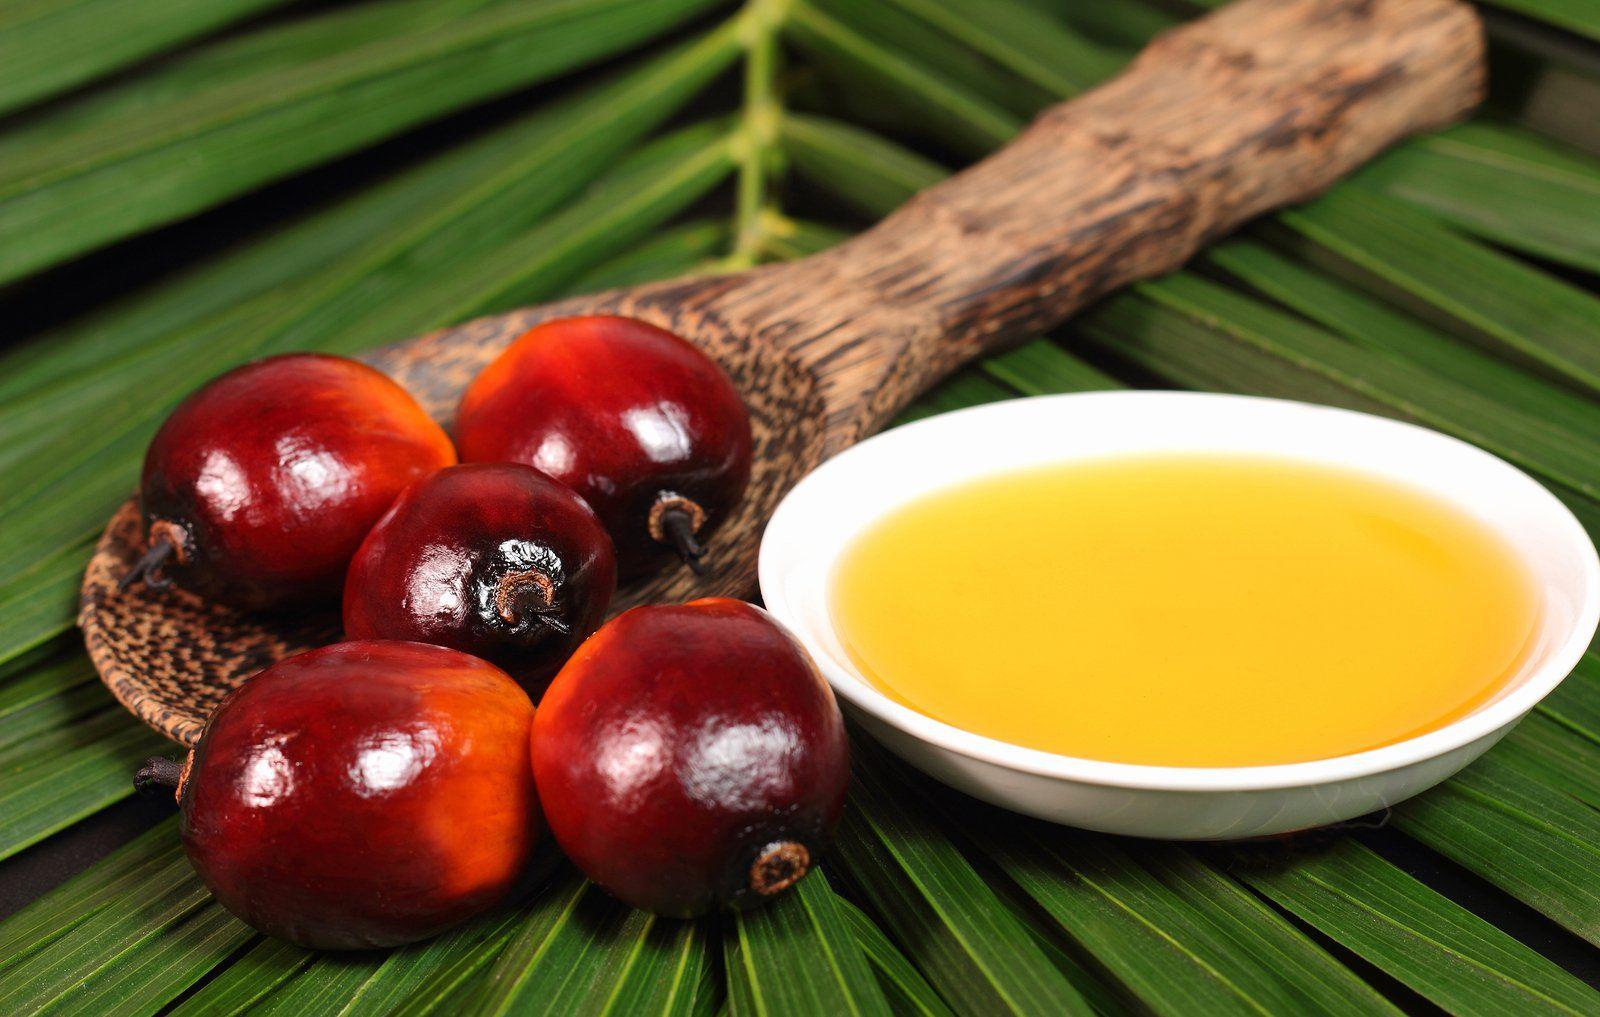 Gli effetti dell'olio di palma sugli animali. - http://www.chizzocute.it/effetti-olio-palma-animali/